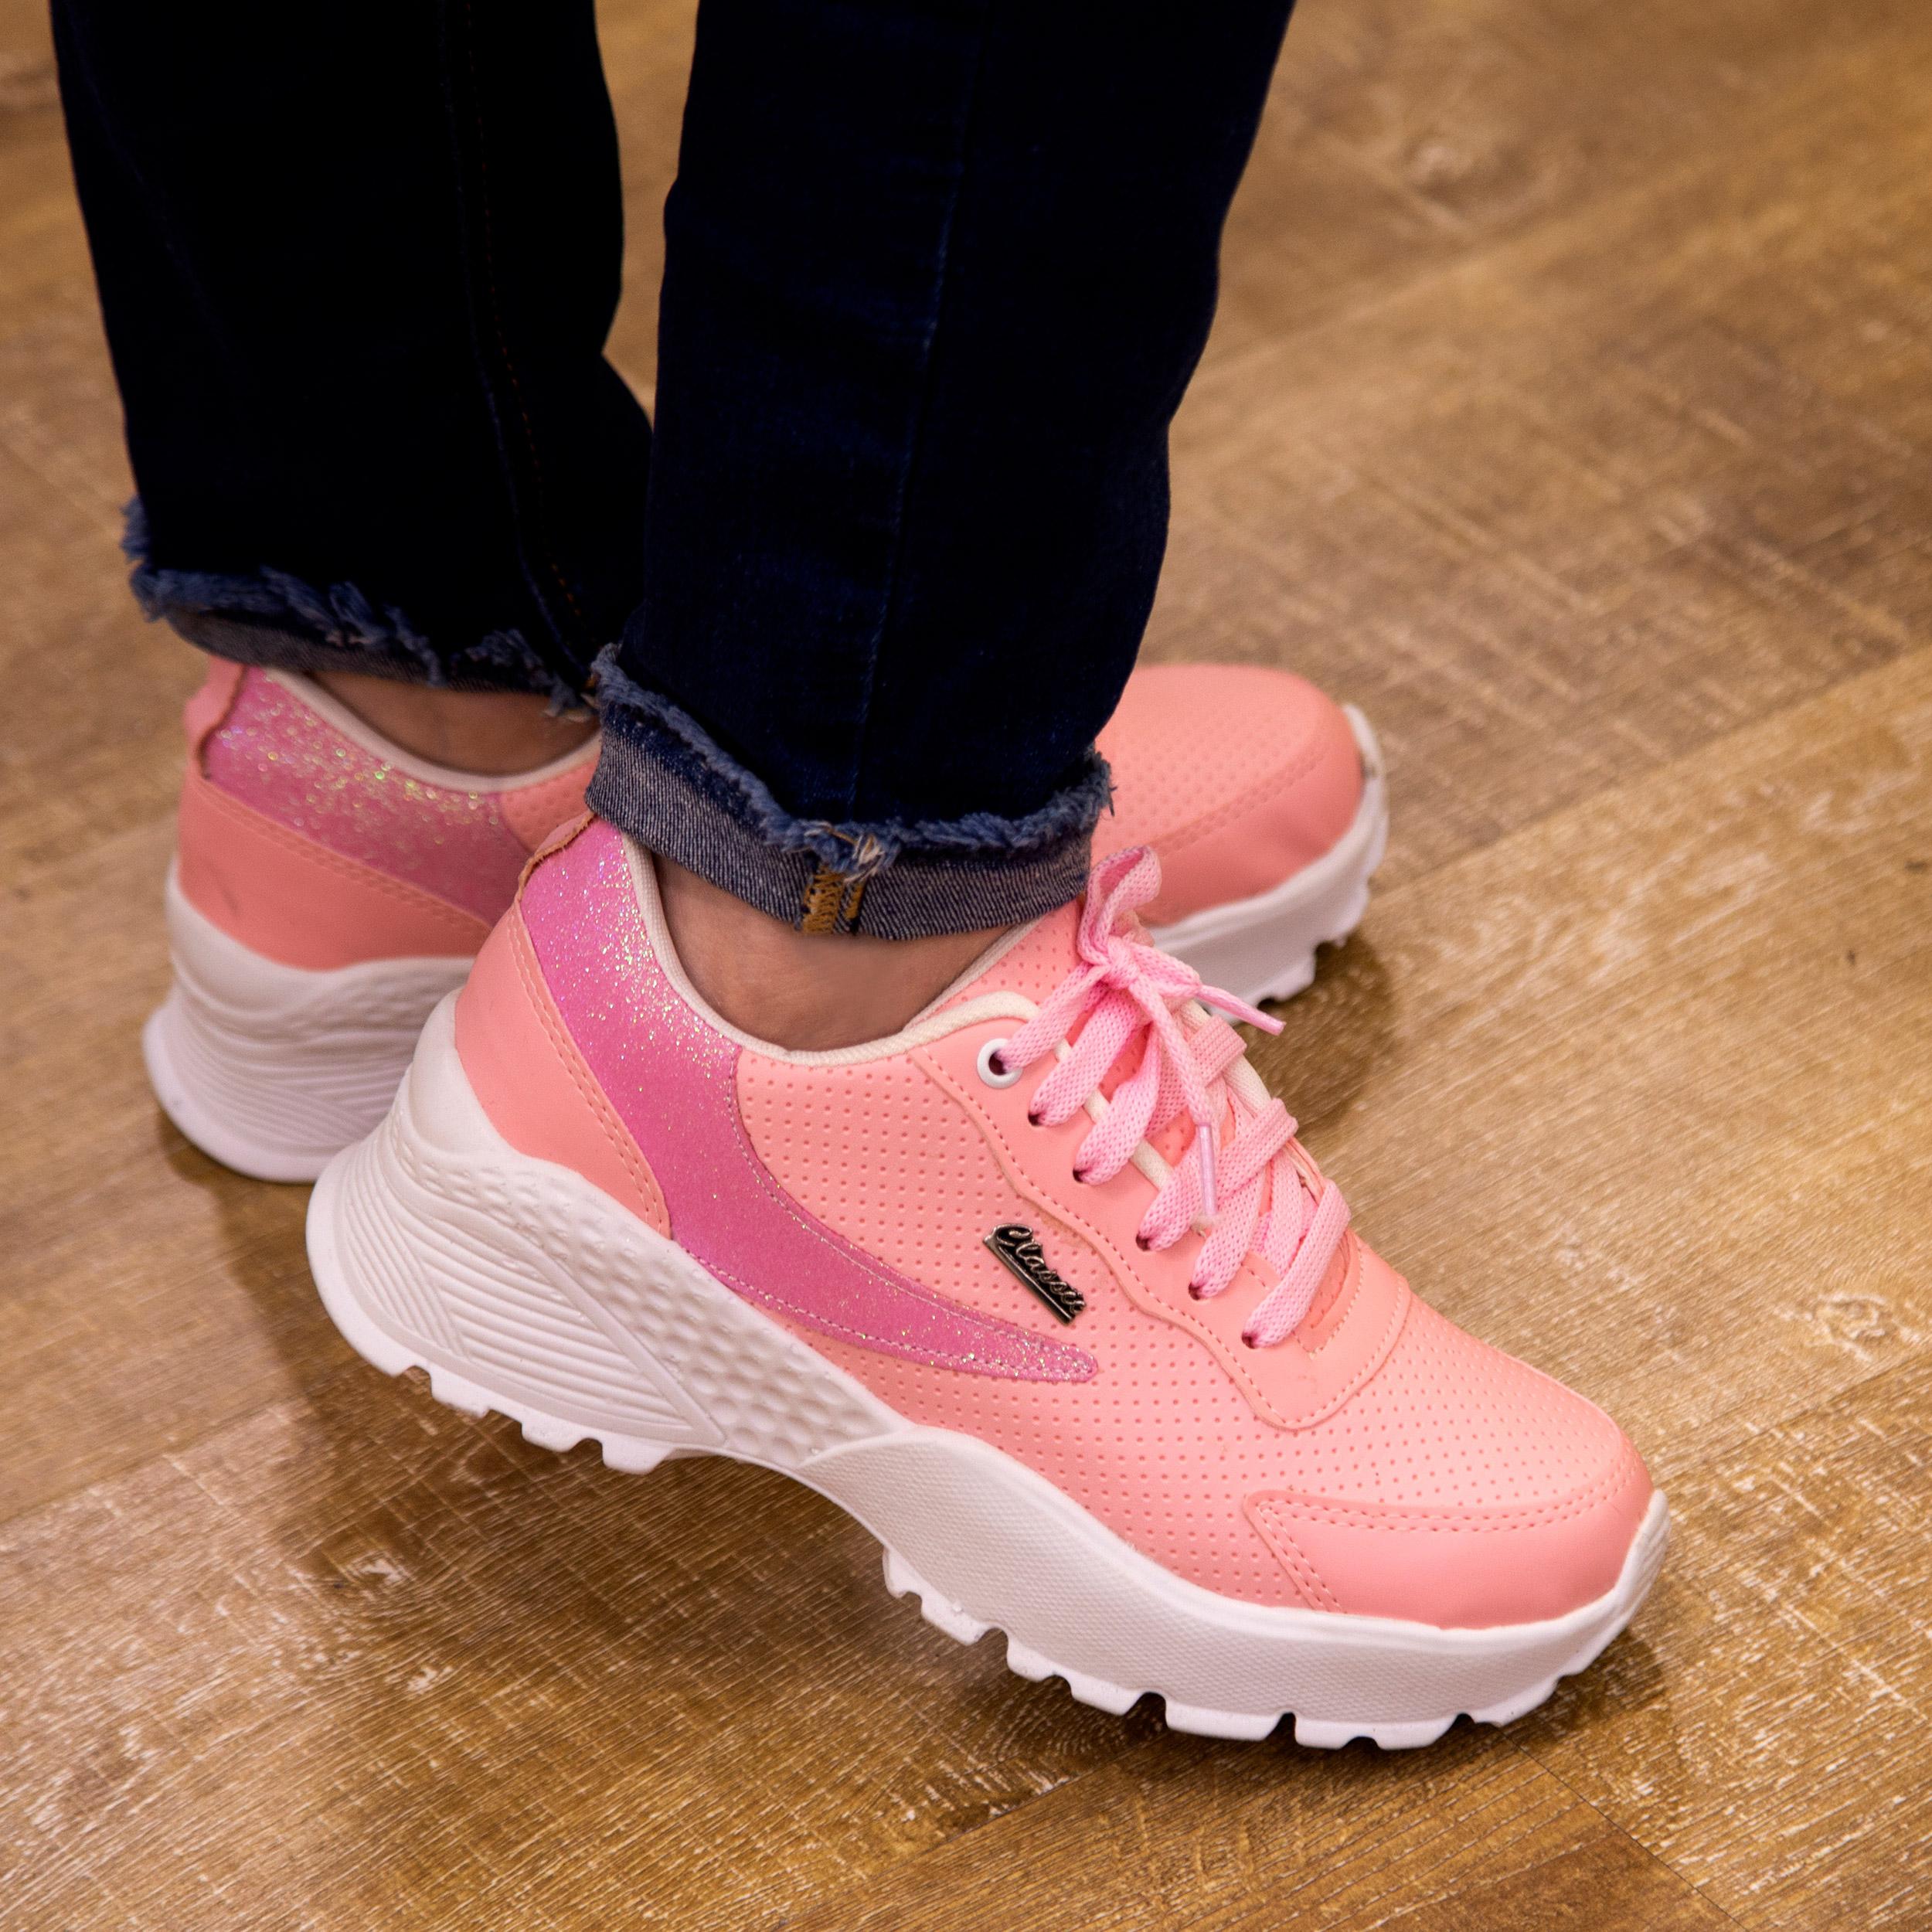 کفش مخصوص پیاده روی زنانه مدل CLS-PK main 1 4